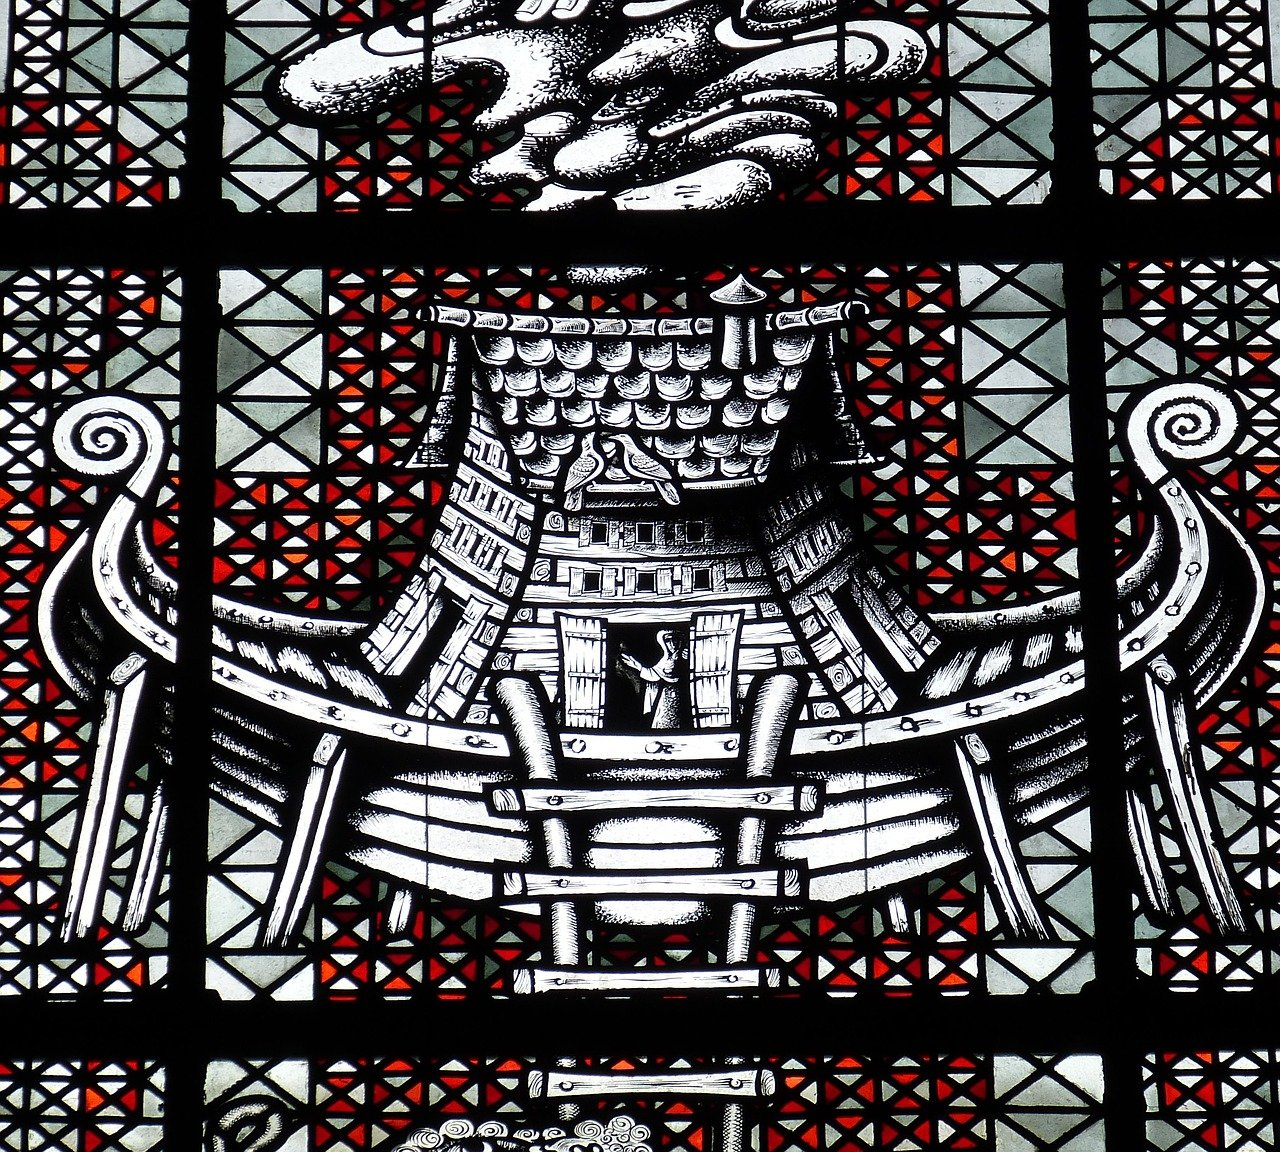 Church window detail